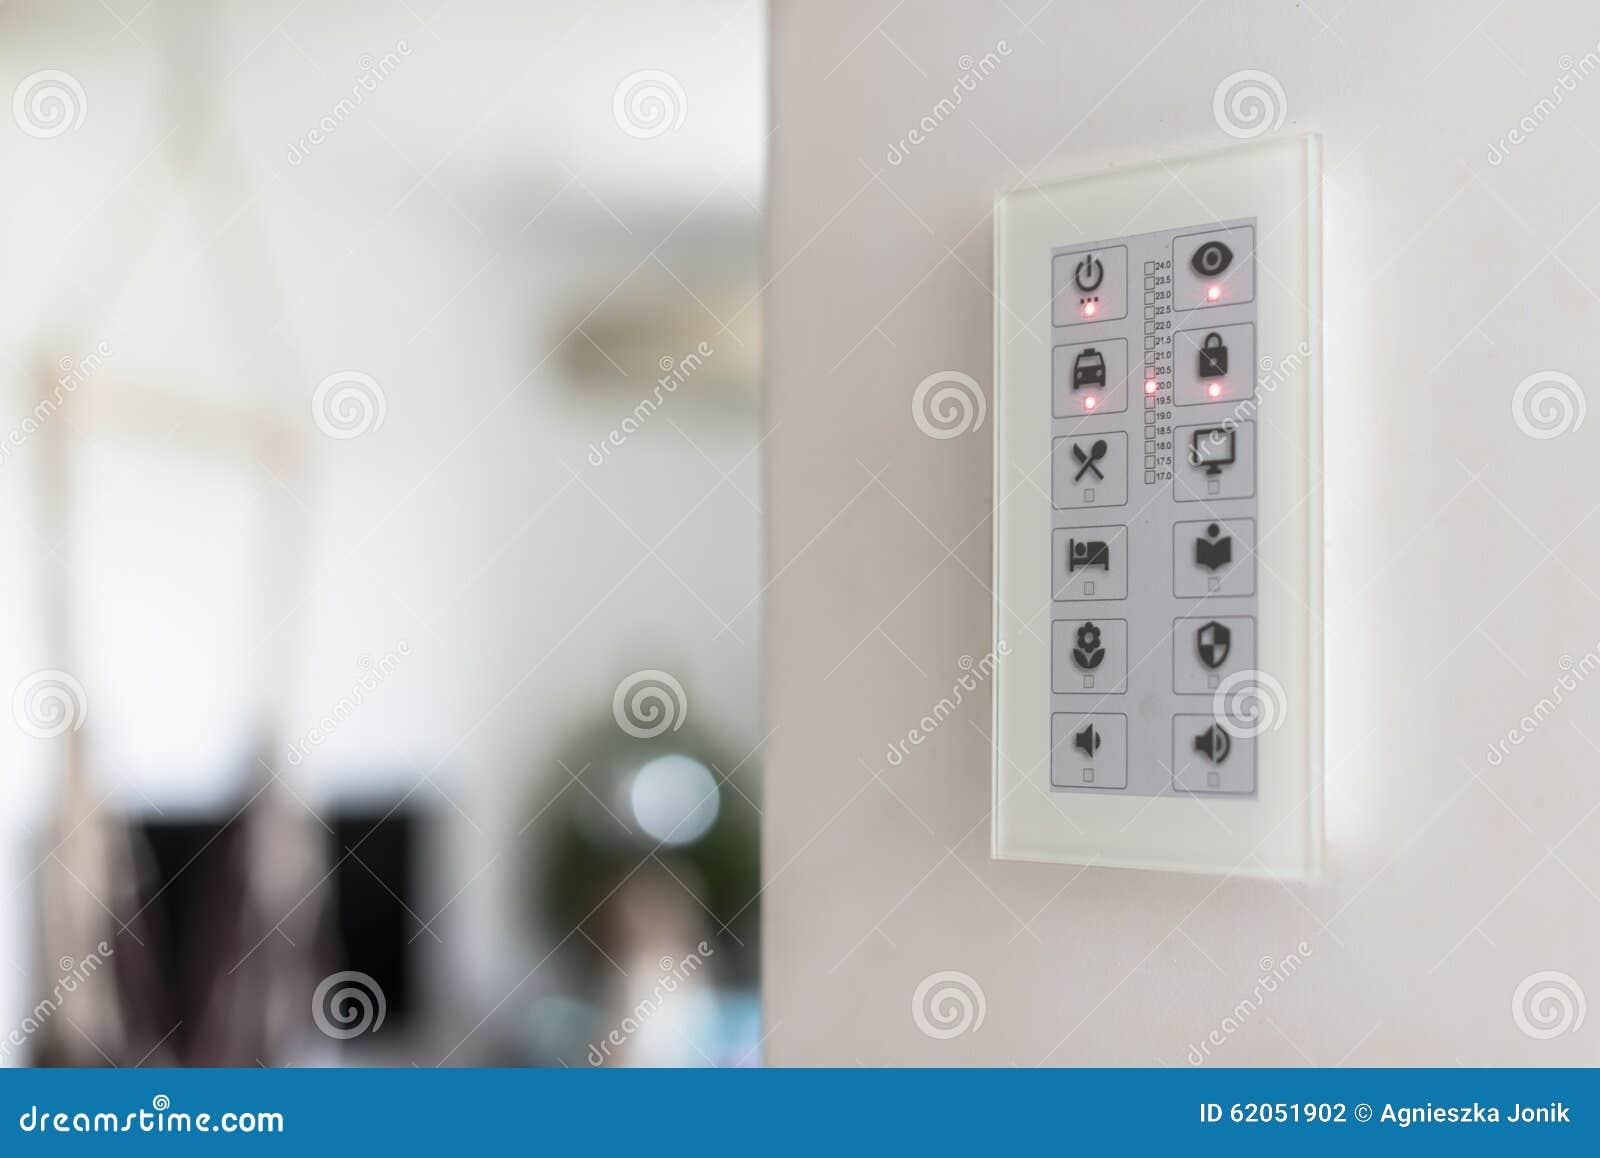 Ścienny dotyka panel kontrolować inteligentnych domowych przyrząda